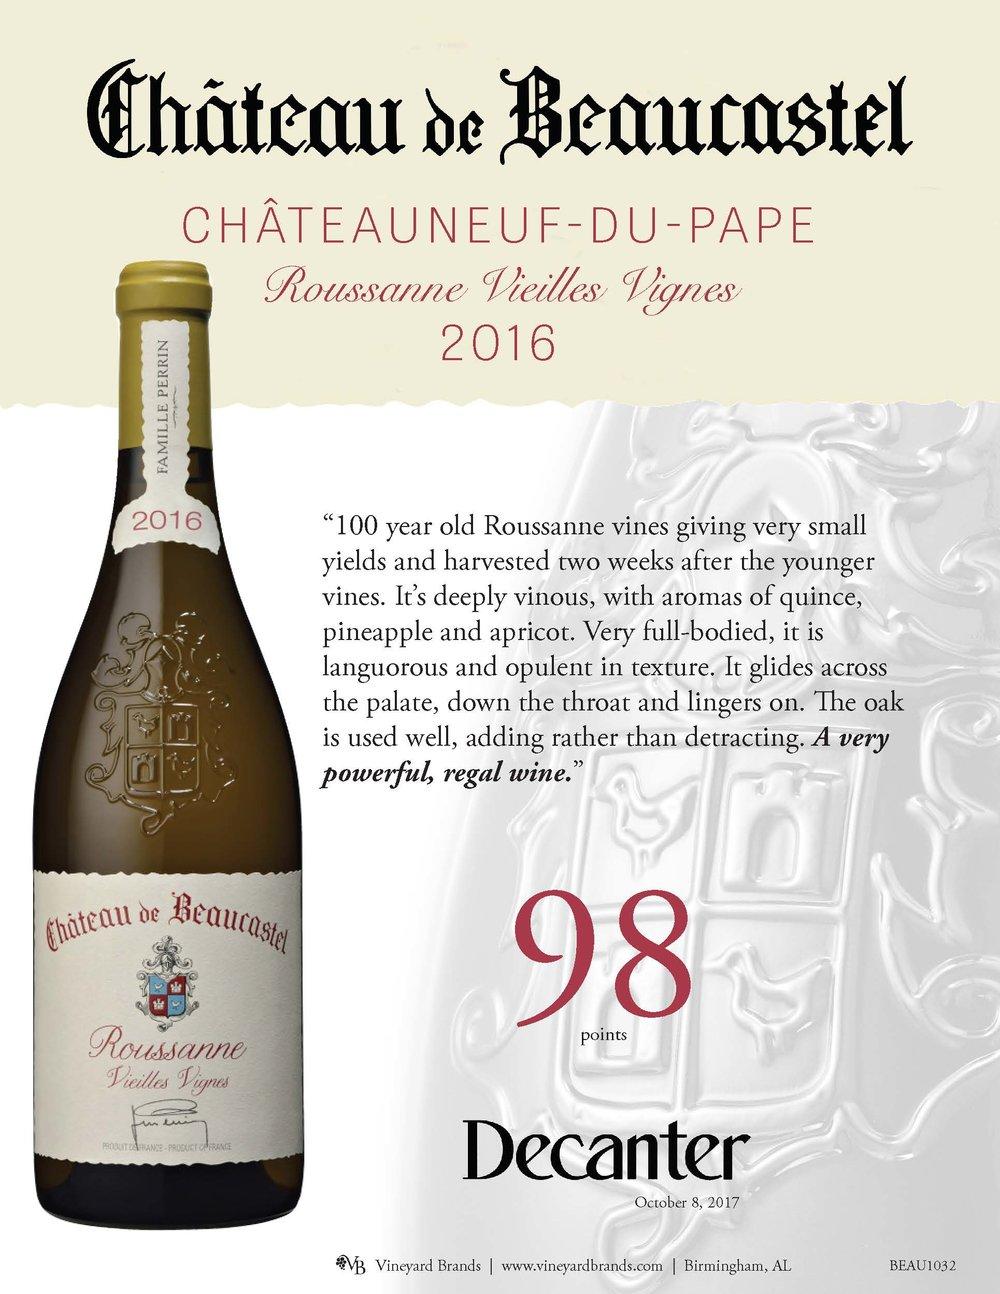 Chateau de Beaucastel CDP Roussanne VV 2016.jpg